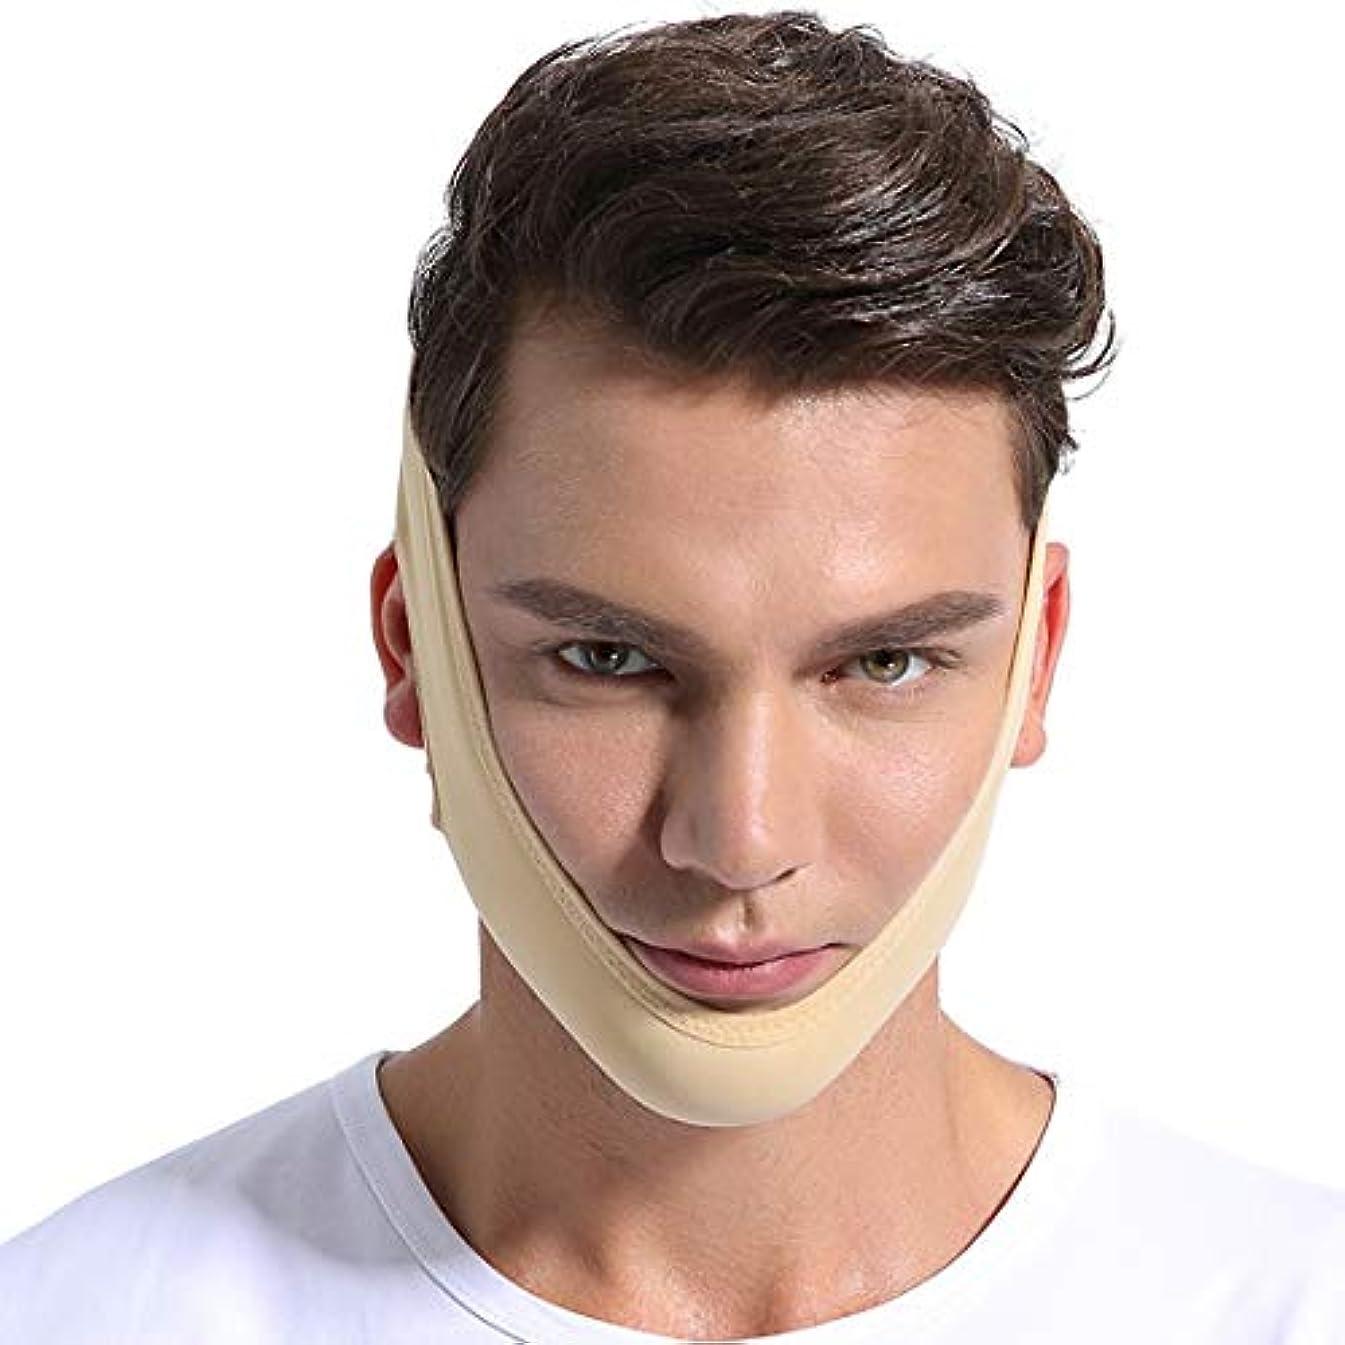 以下の配列選挙ZWBD フェイスマスク, 薄い顔包帯医療フェイスライン彫刻術後回復リフティングマスク男性の女性の顔包帯ヘッドギアv顔薄い顔アーティファクト